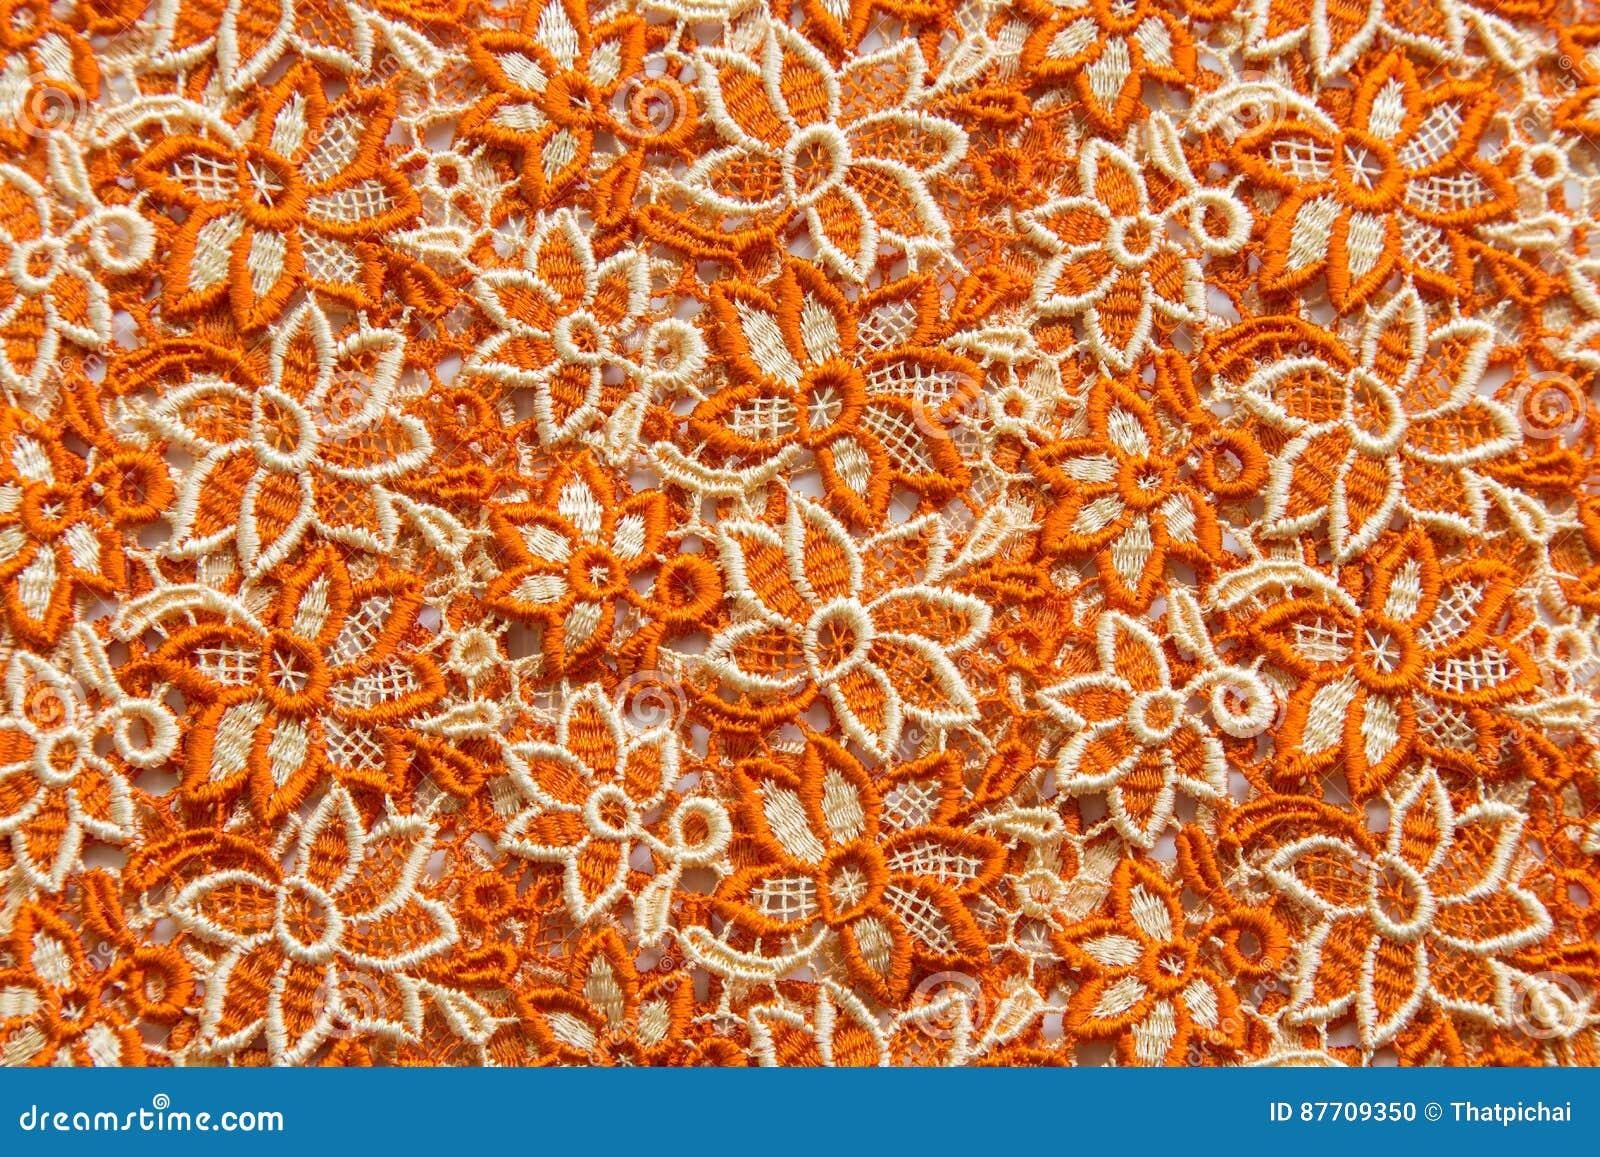 Dentelle orange sur le fond blanc Aucune n importe quelle marque déposée ou ne limitent la matière en cette photo